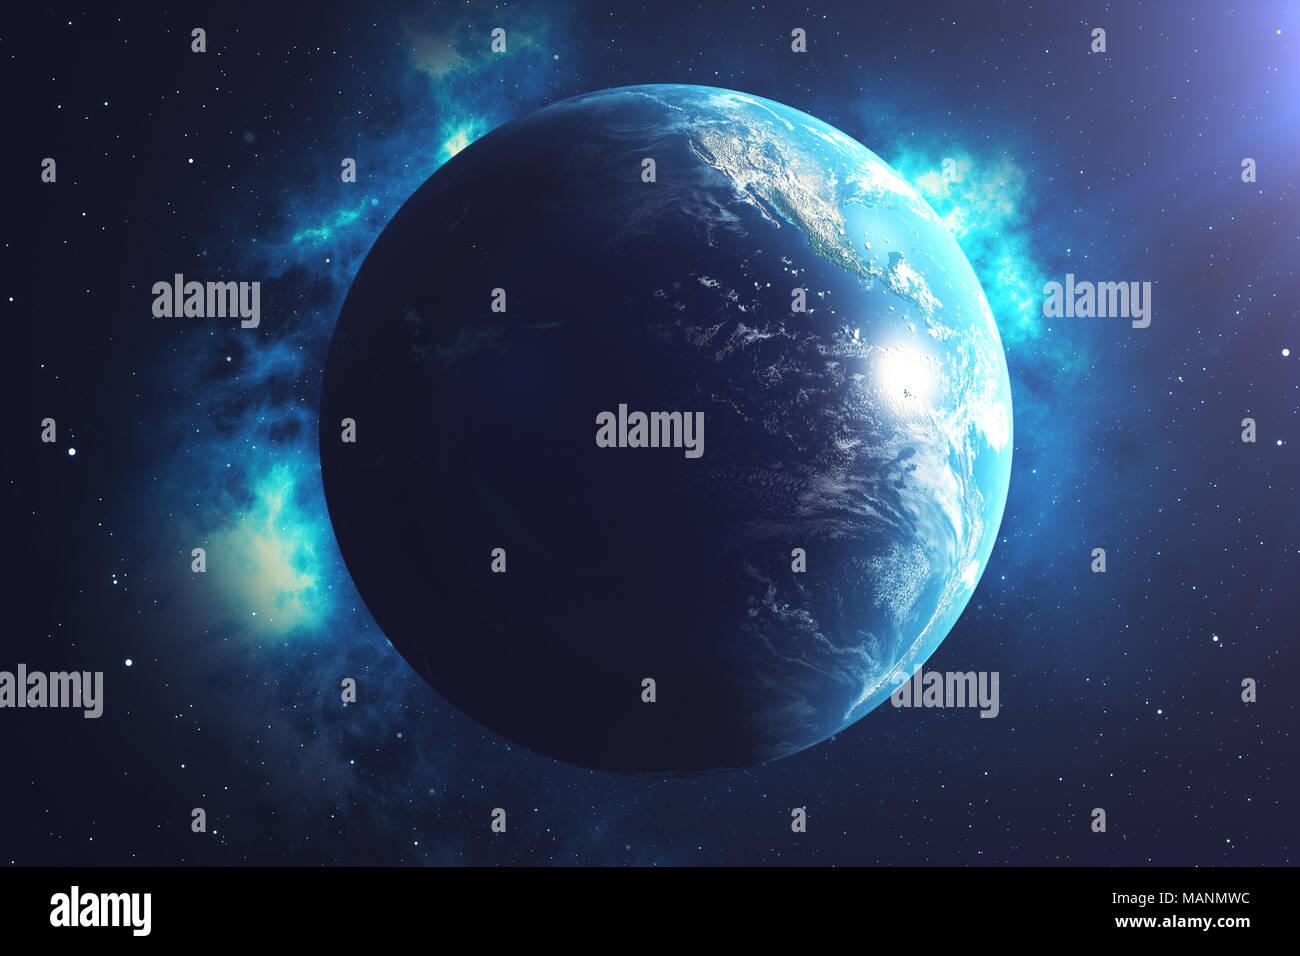 Großartig Weltkugel 3d Referenz Von 3d-rendering Weltkugel. Mit Hintergrund Sterne Und Nebel.